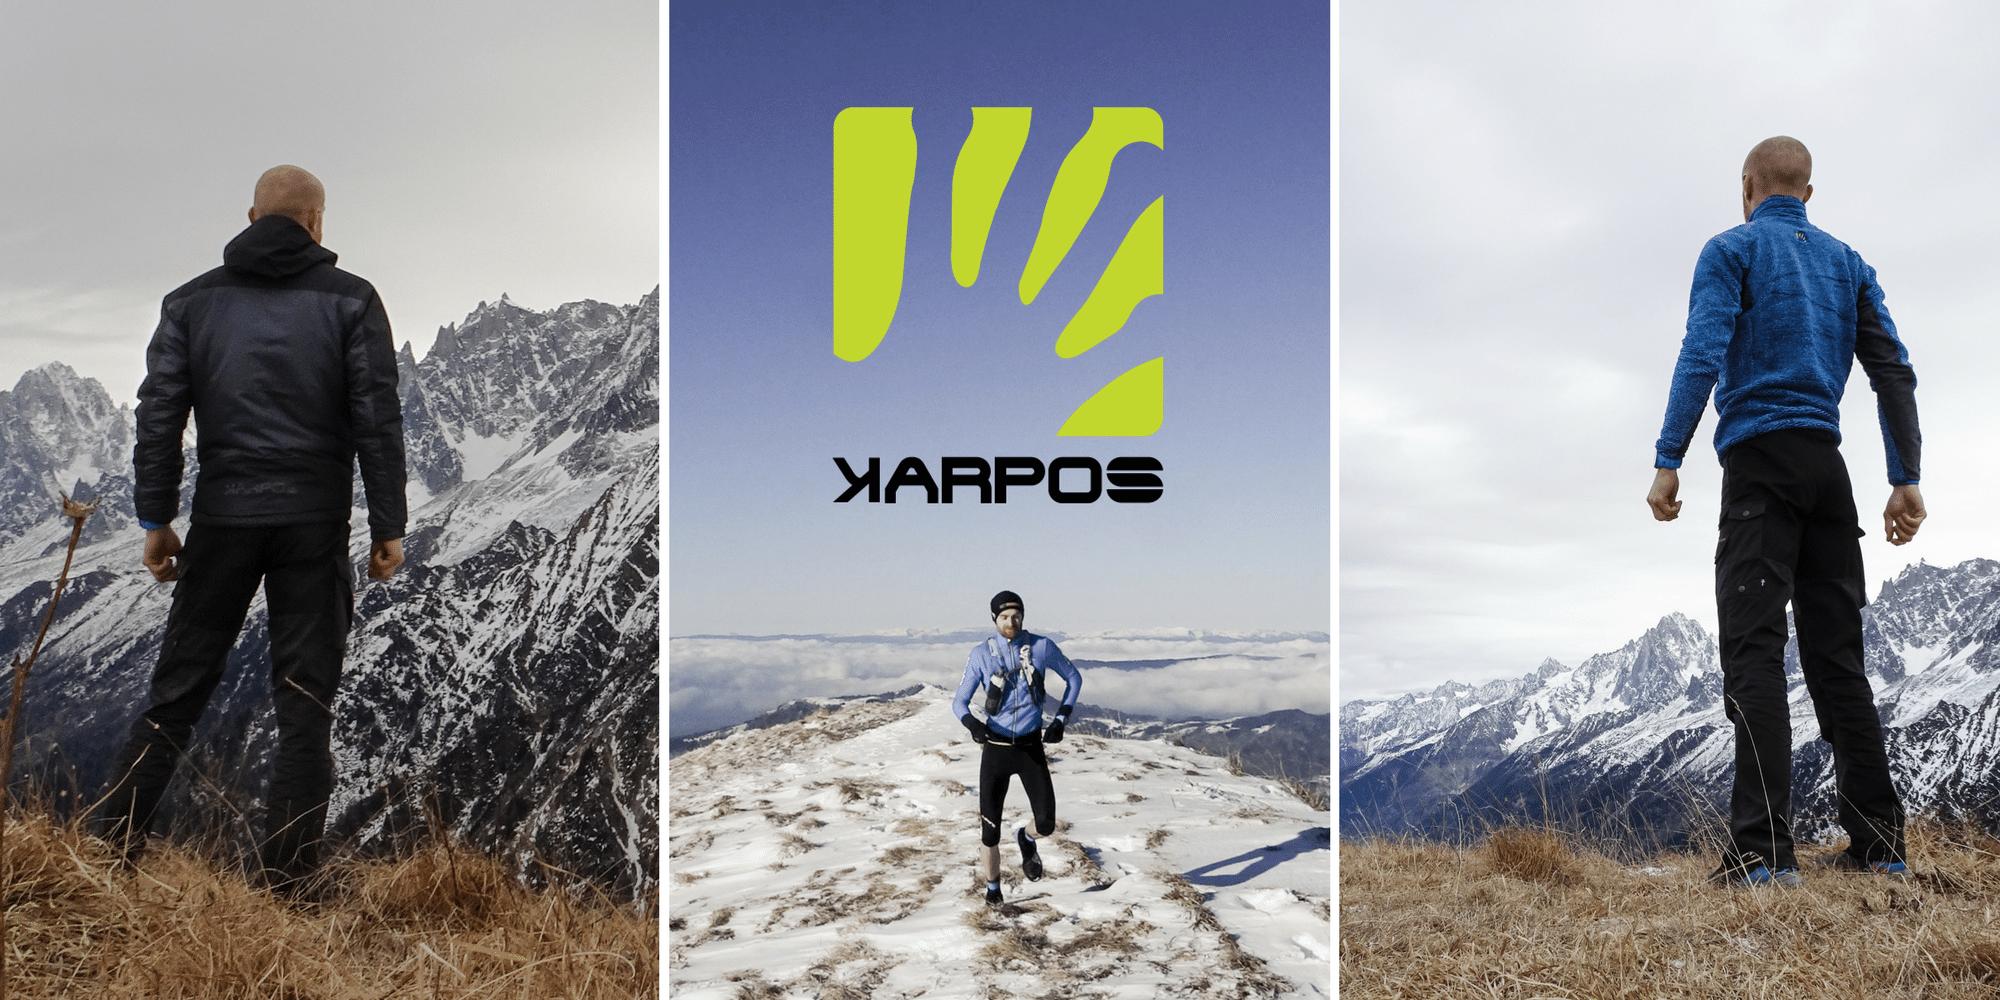 Karpos : Une gamme entière pour braver l'hiver ! – TEST